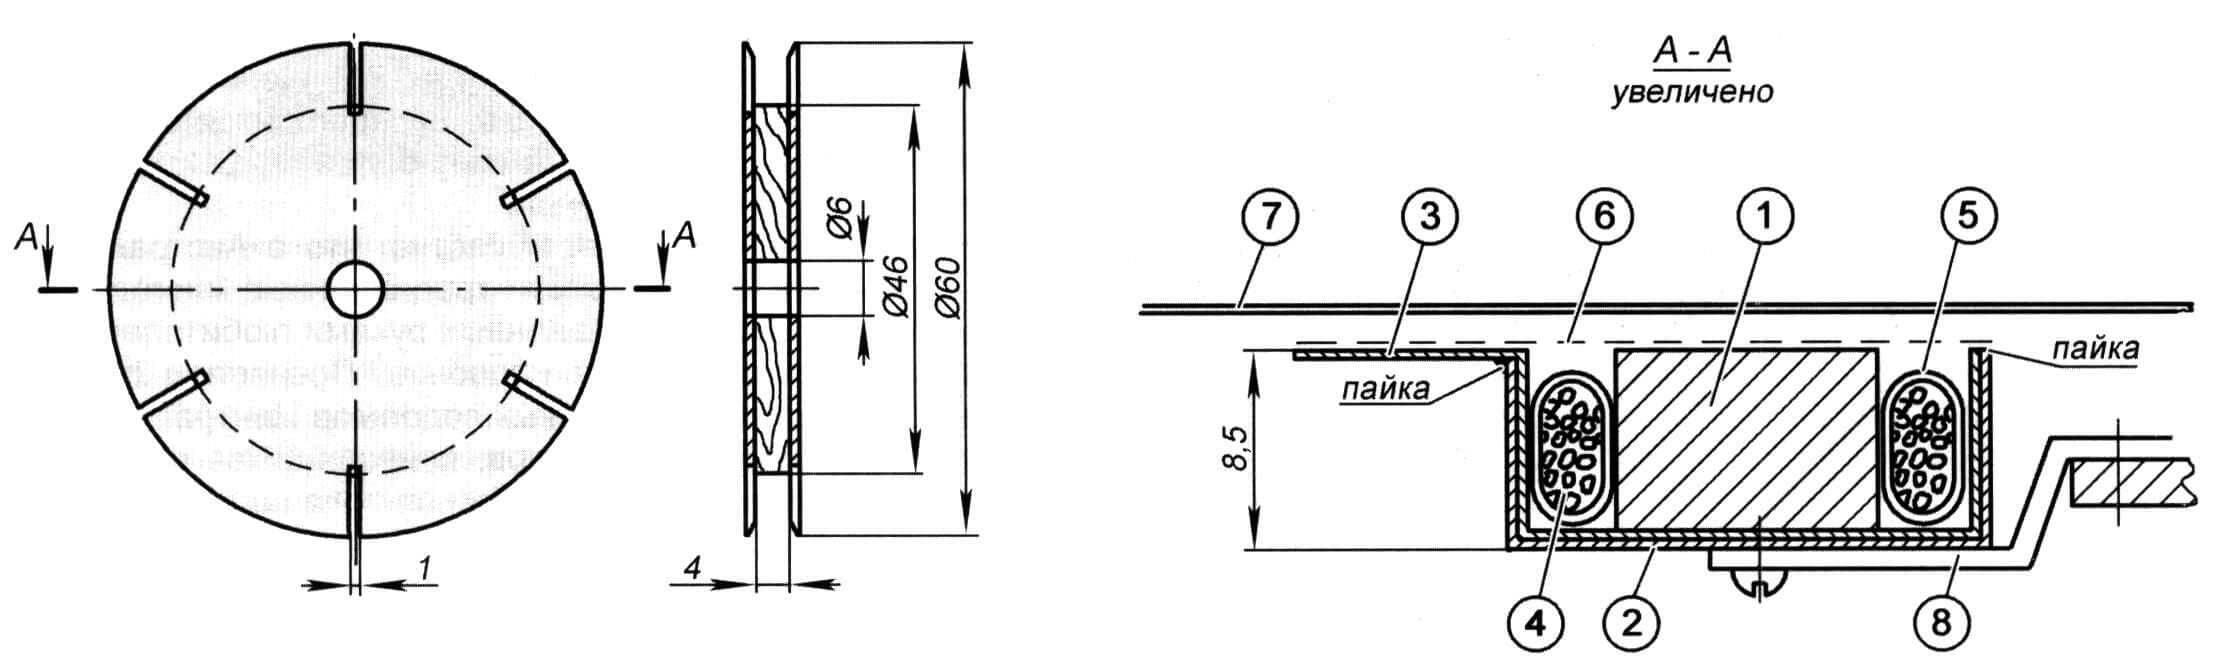 Звукосниматель: 1 - магнит (сегмент); 2 - корпус (жесть в два слоя); 3 - сегмент декоративный, (жесть); 4 - катушка; 5 - «бинт»-изолятор; 6 - пленка самоклеющаяся; 7 - струна; 8 - кронштейн